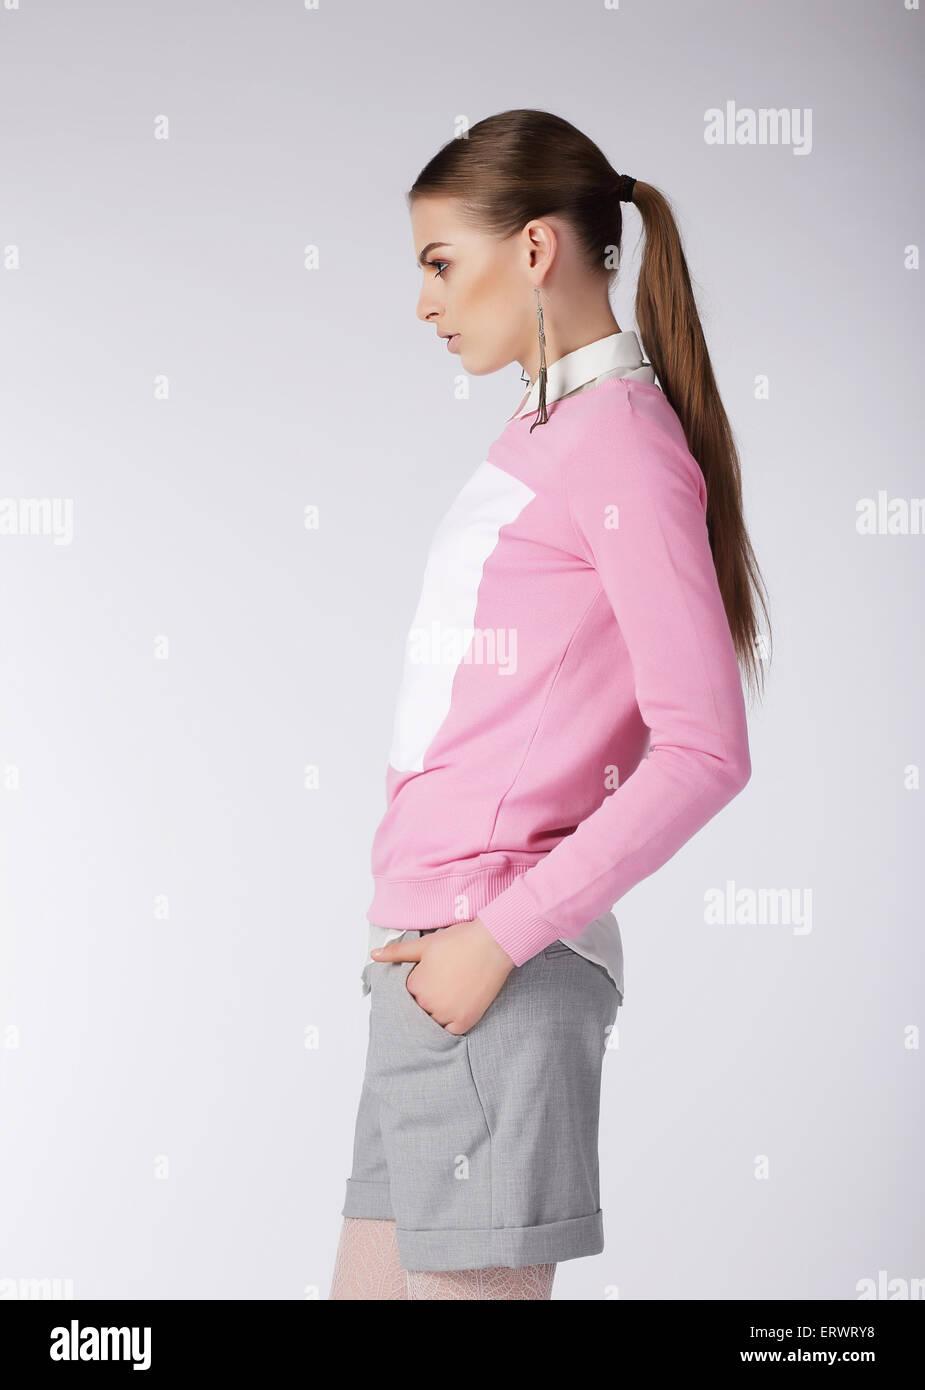 Stylish Girl in Shorts Posing in Studio - Stock Image